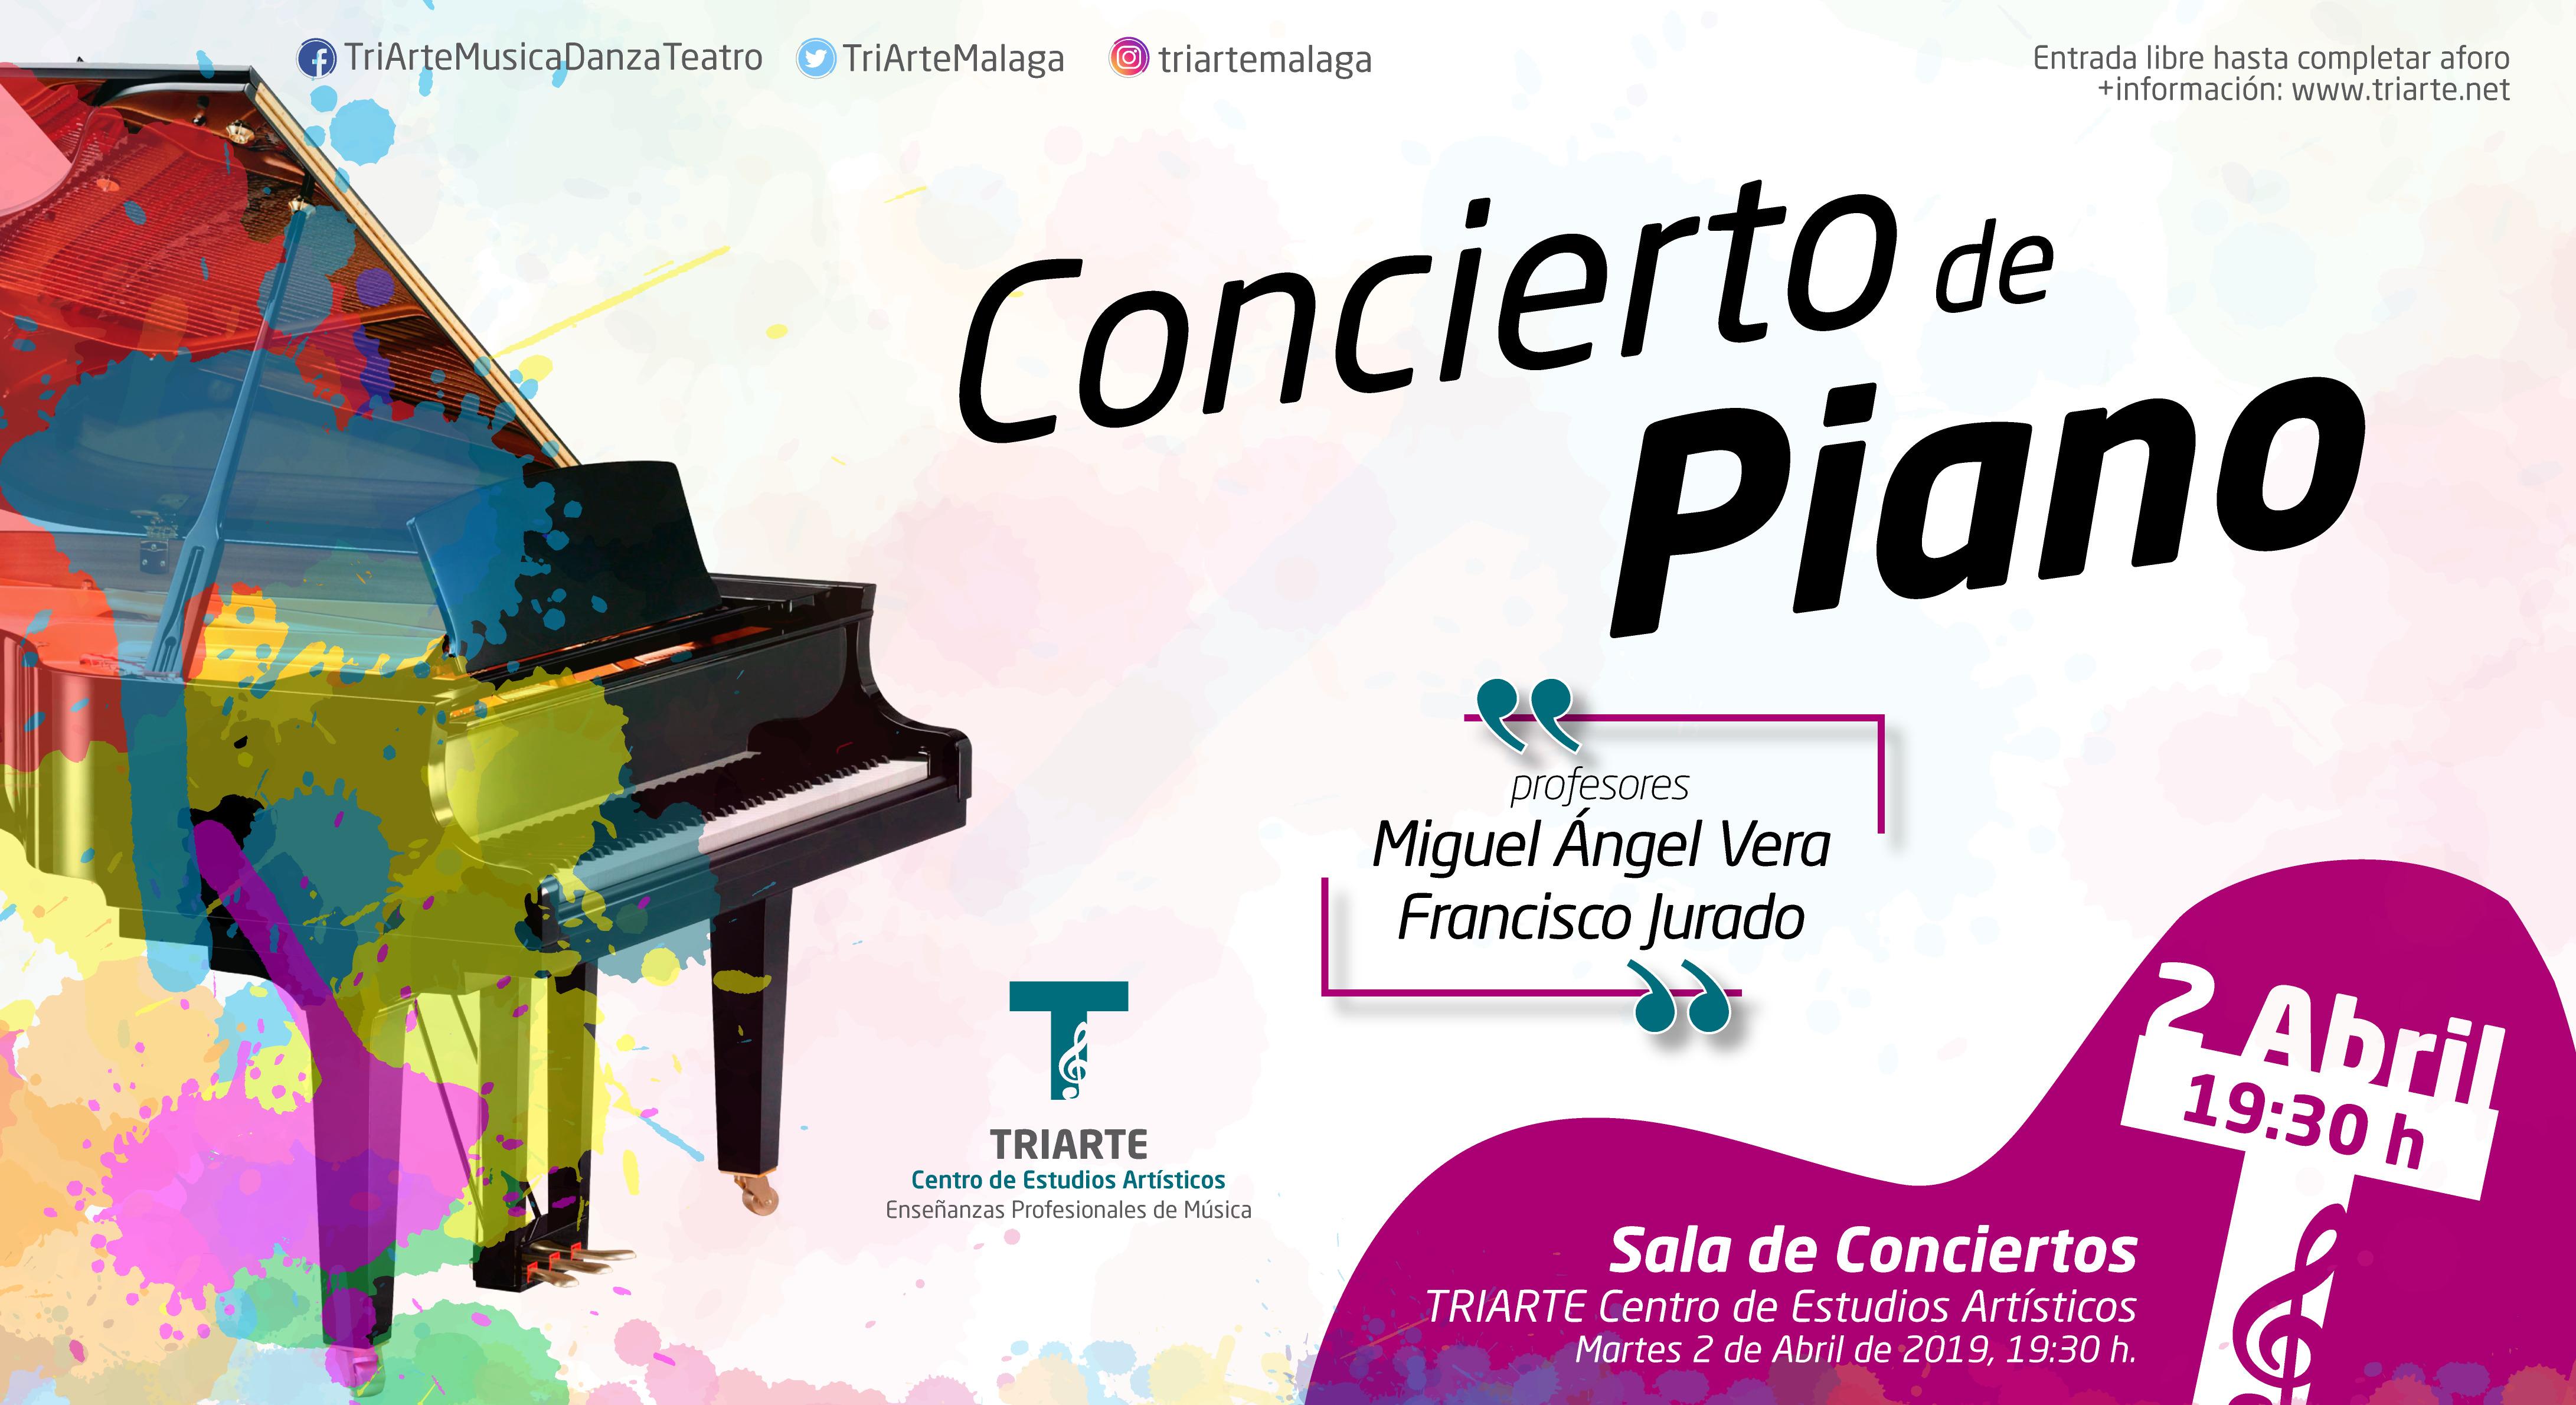 Concierto de Piano. TRIARTE - Centro de Estudios Artísticos. Profesores Miguel Ángel Vera y Francisco Jurado. Abril 2019.